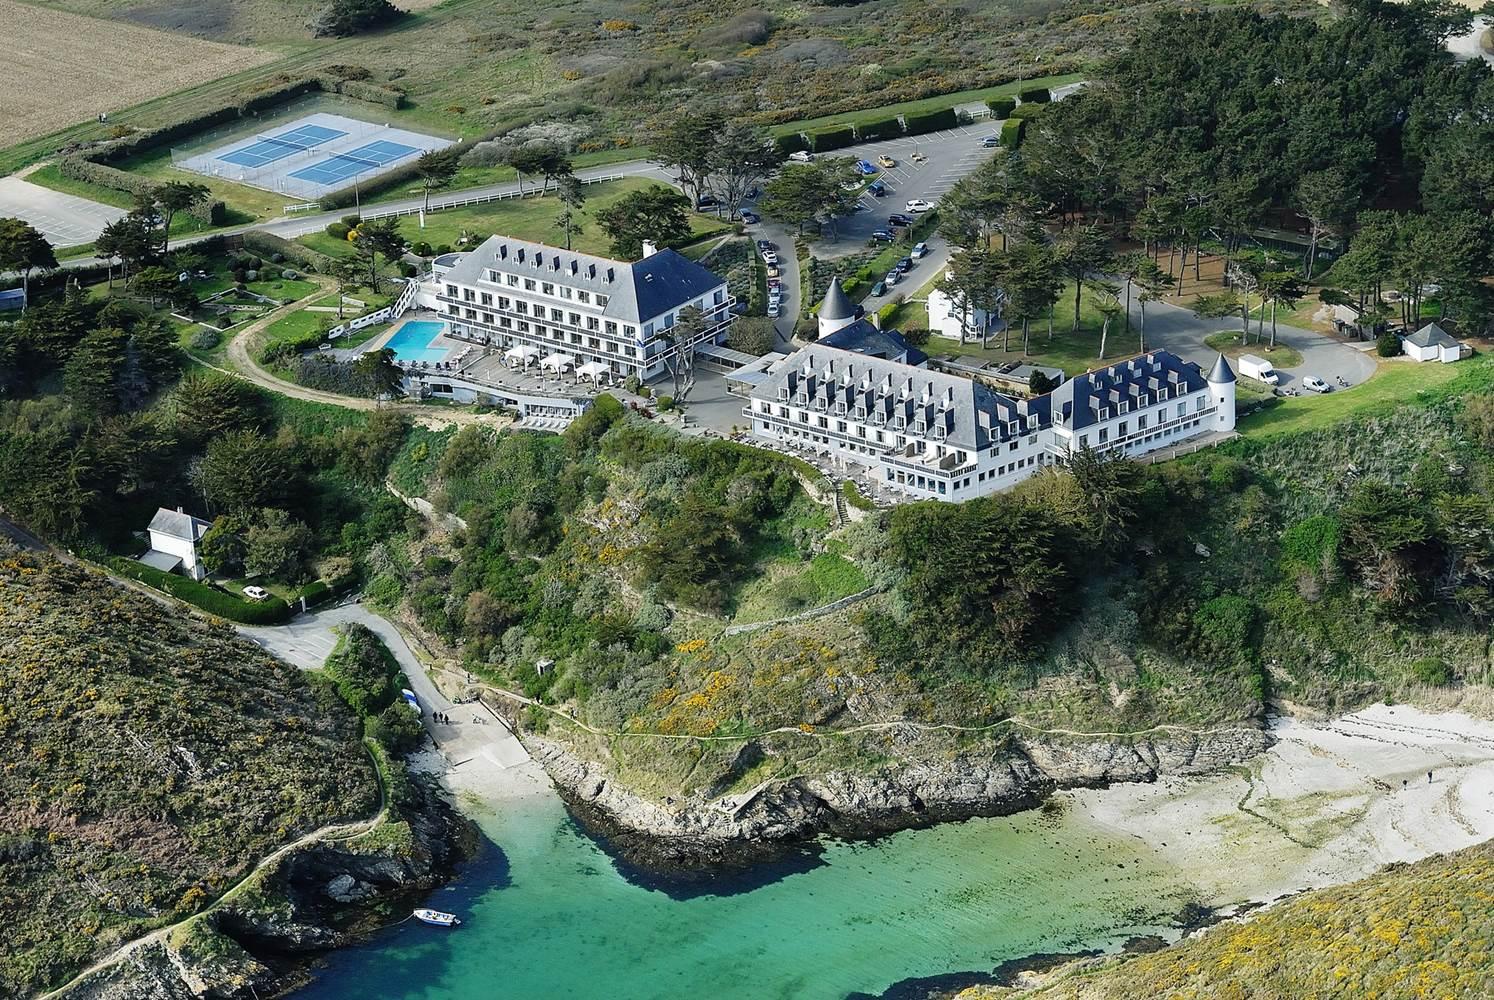 Hotel Castel clara - Vue aérienne - Belle ile morbihan bretagne sud ©